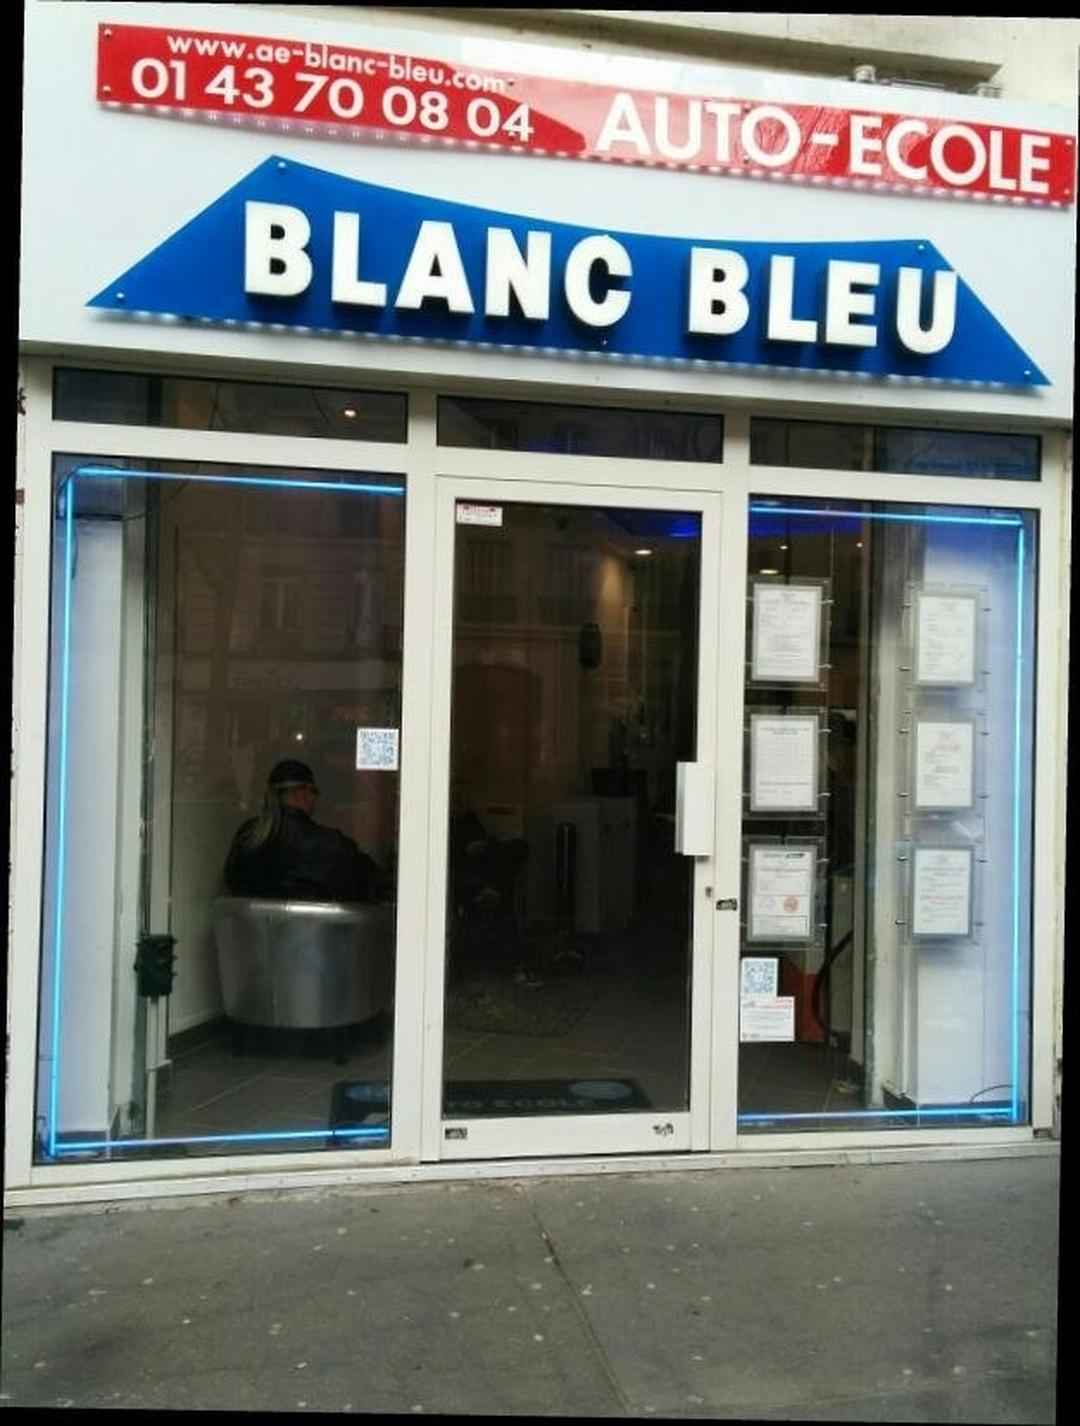 Foto vom 24. Mai 2016 22:49, AUTO ECOLE BLANC BLEU, 187 Boulevard Voltaire, 75011 Paris, Frankreich